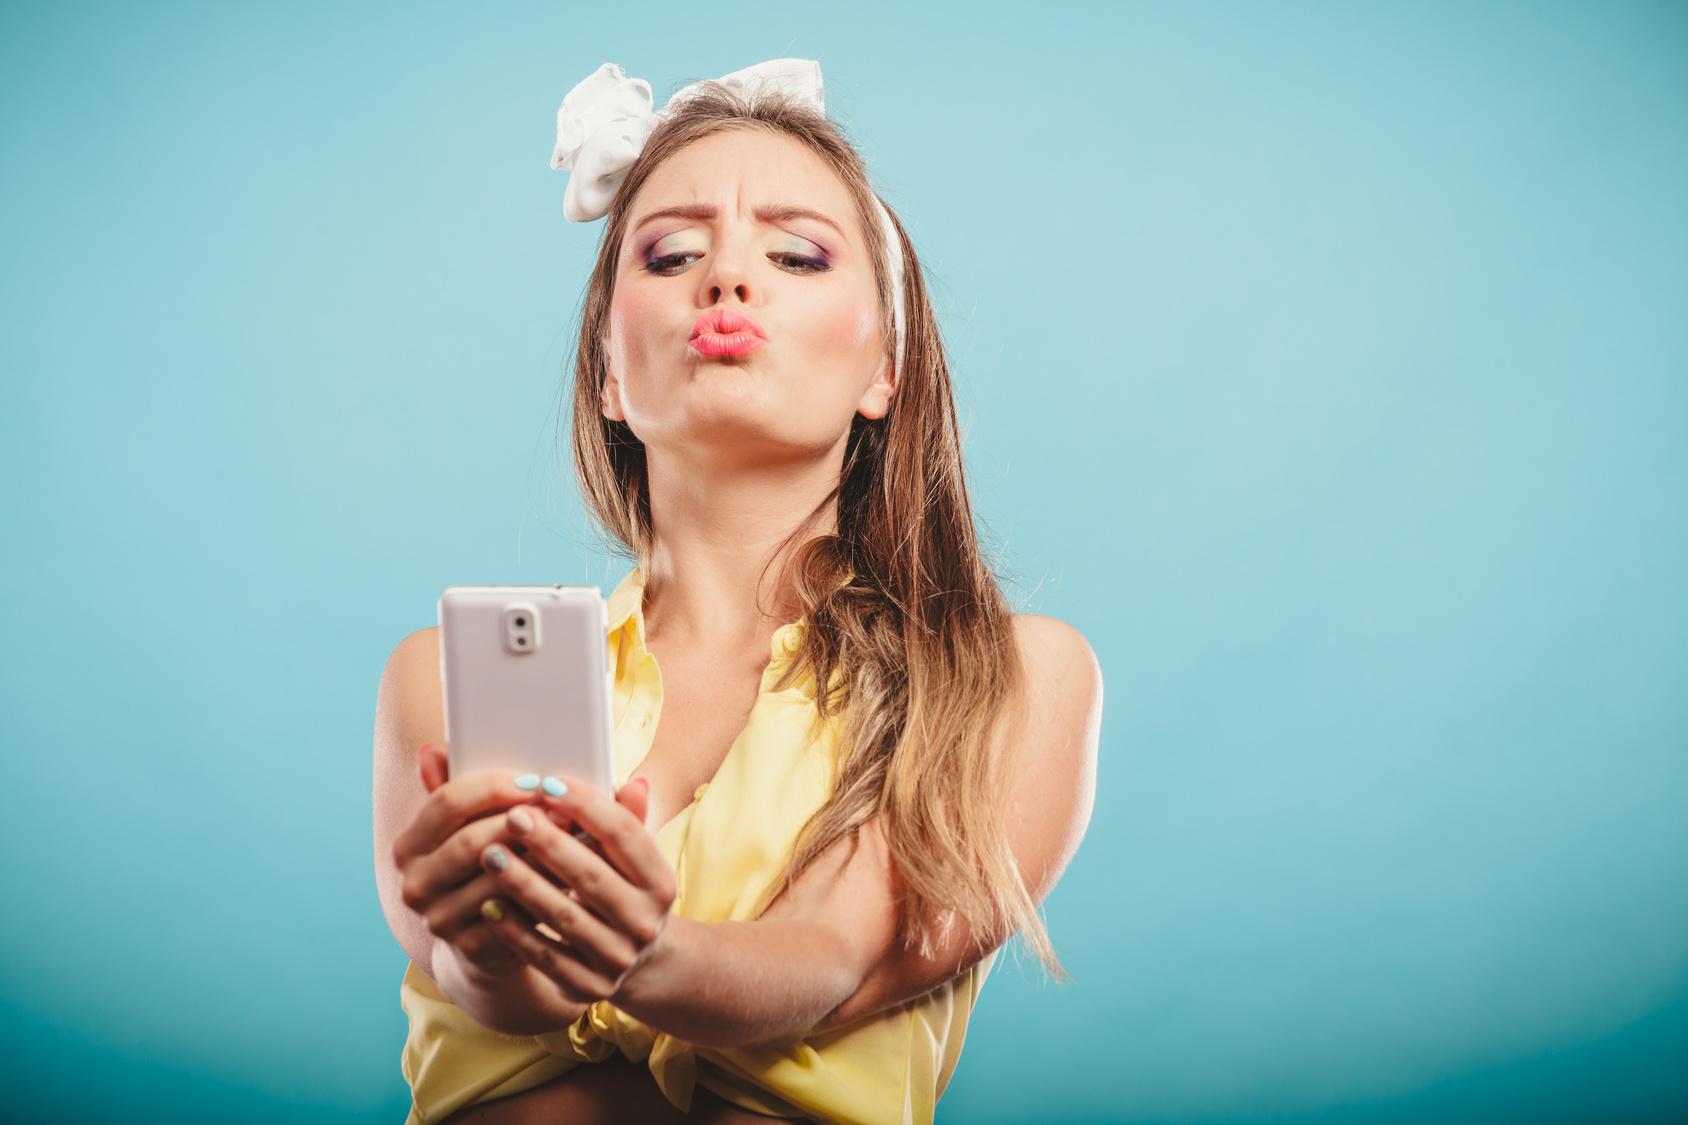 Mädchen mit Schleife im Haar macht ein Kussmund-Selfie